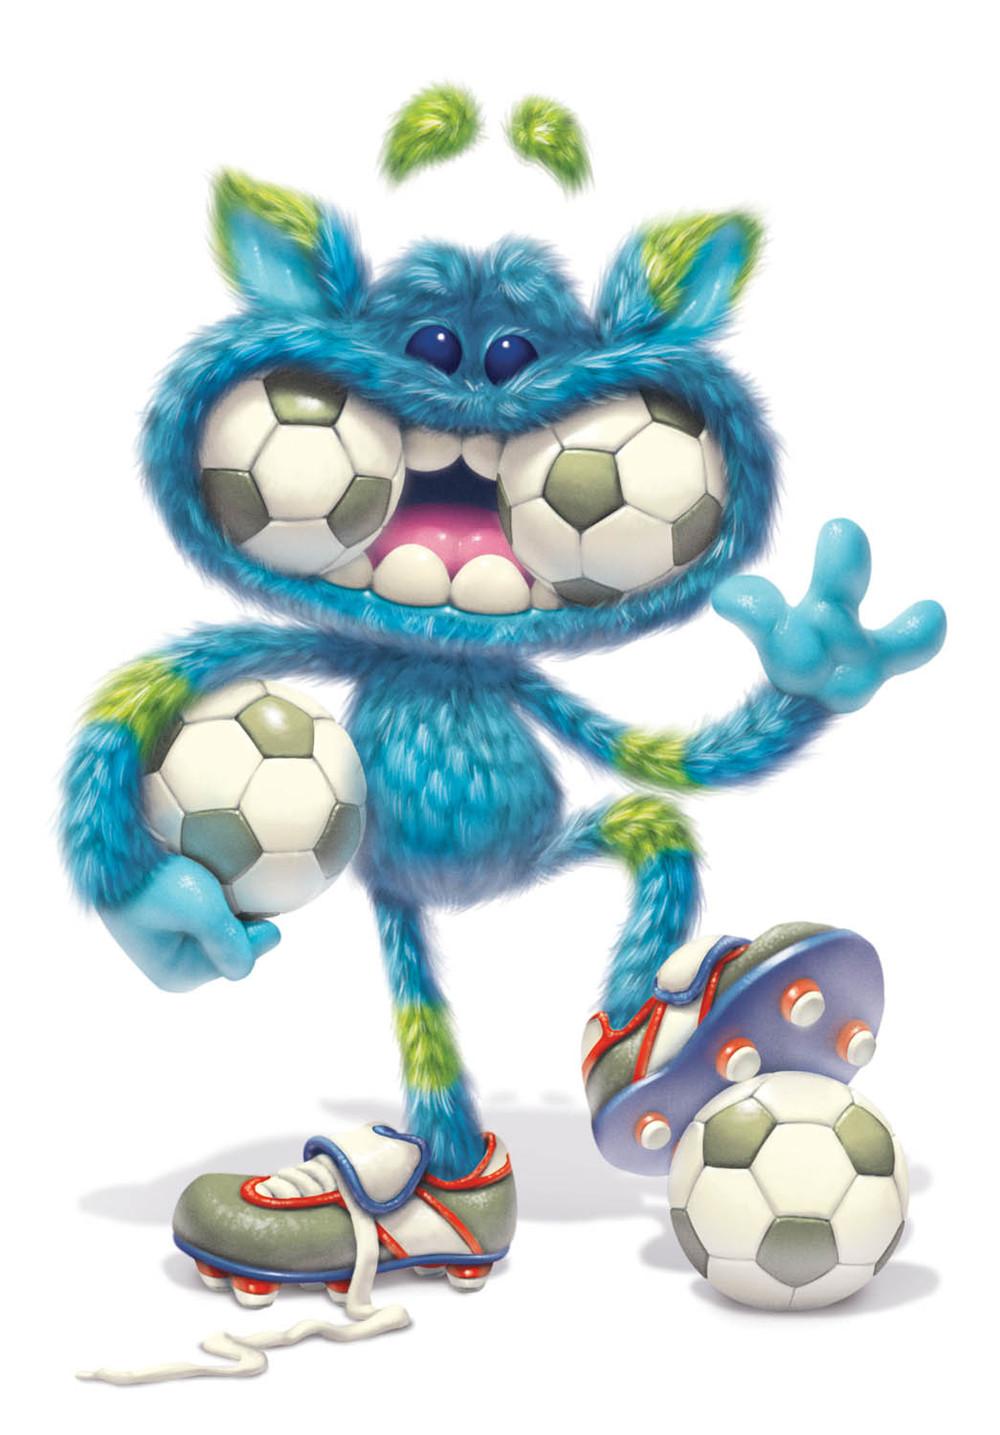 Monster football.jpg